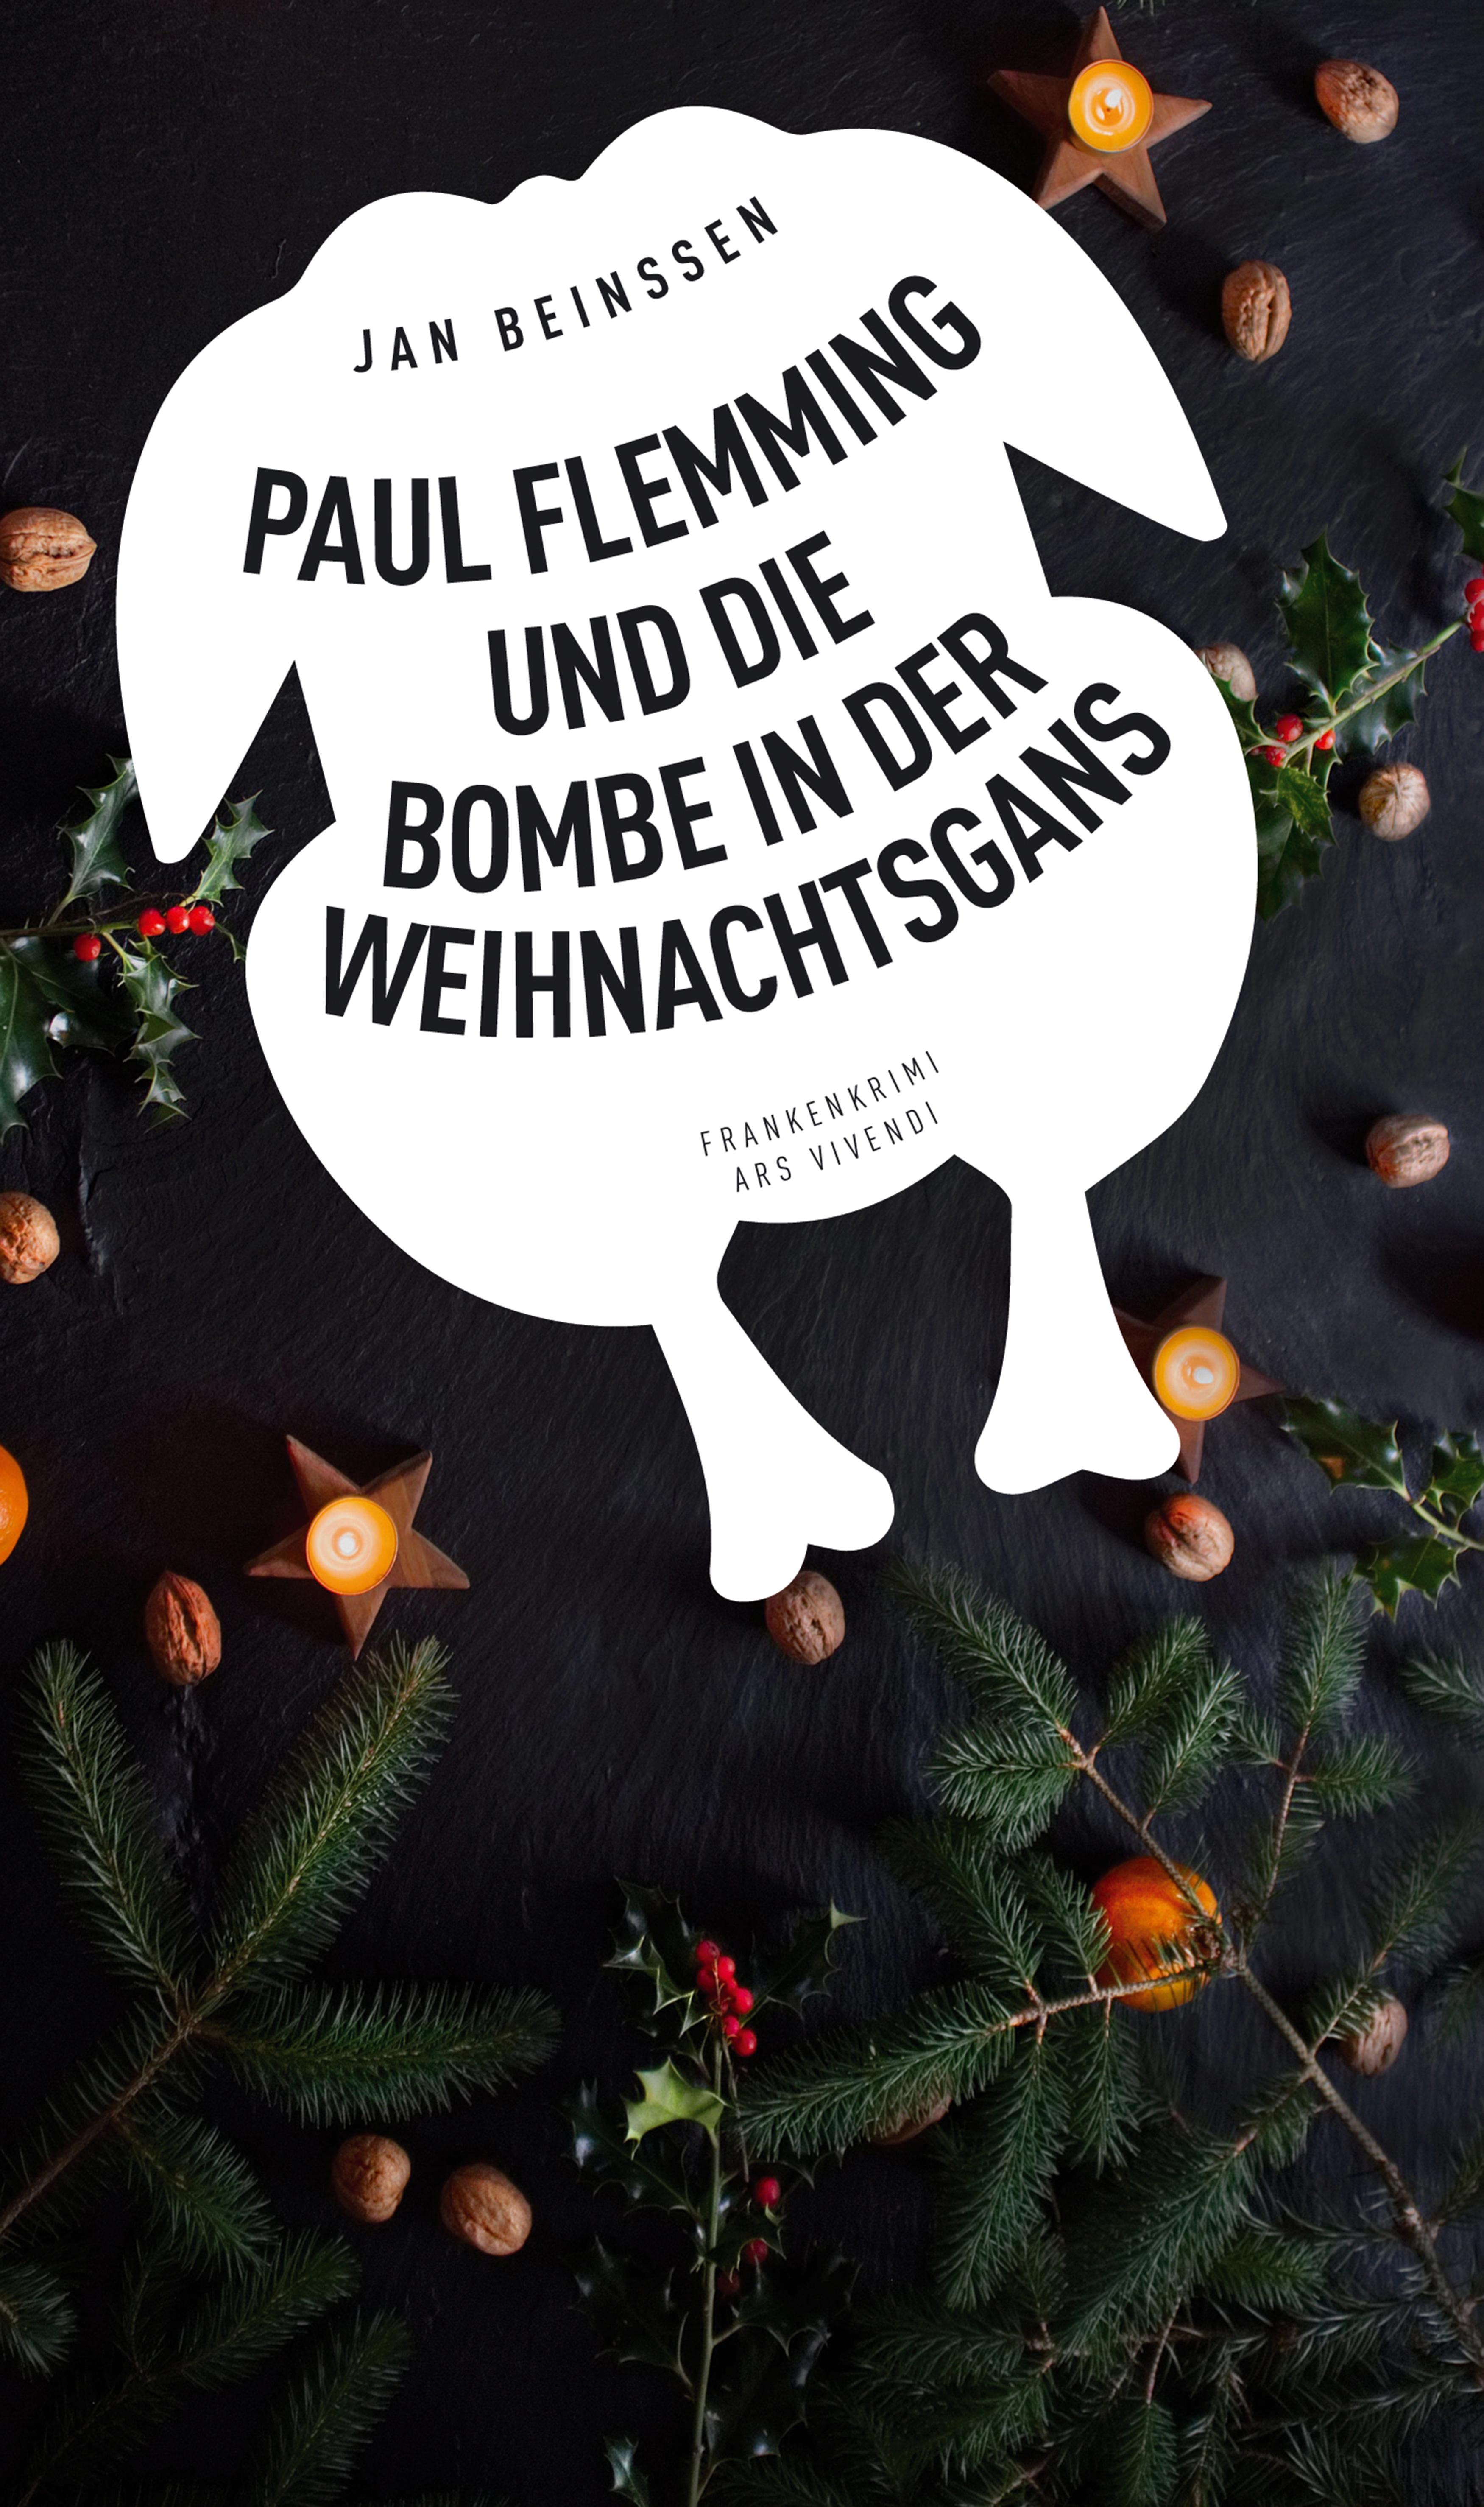 Jan Beinßen Paul Flemming und die Bombe in der Weihnachtsgans - Frankenkrimi flemming dalum pres zyx italo disco in the mix